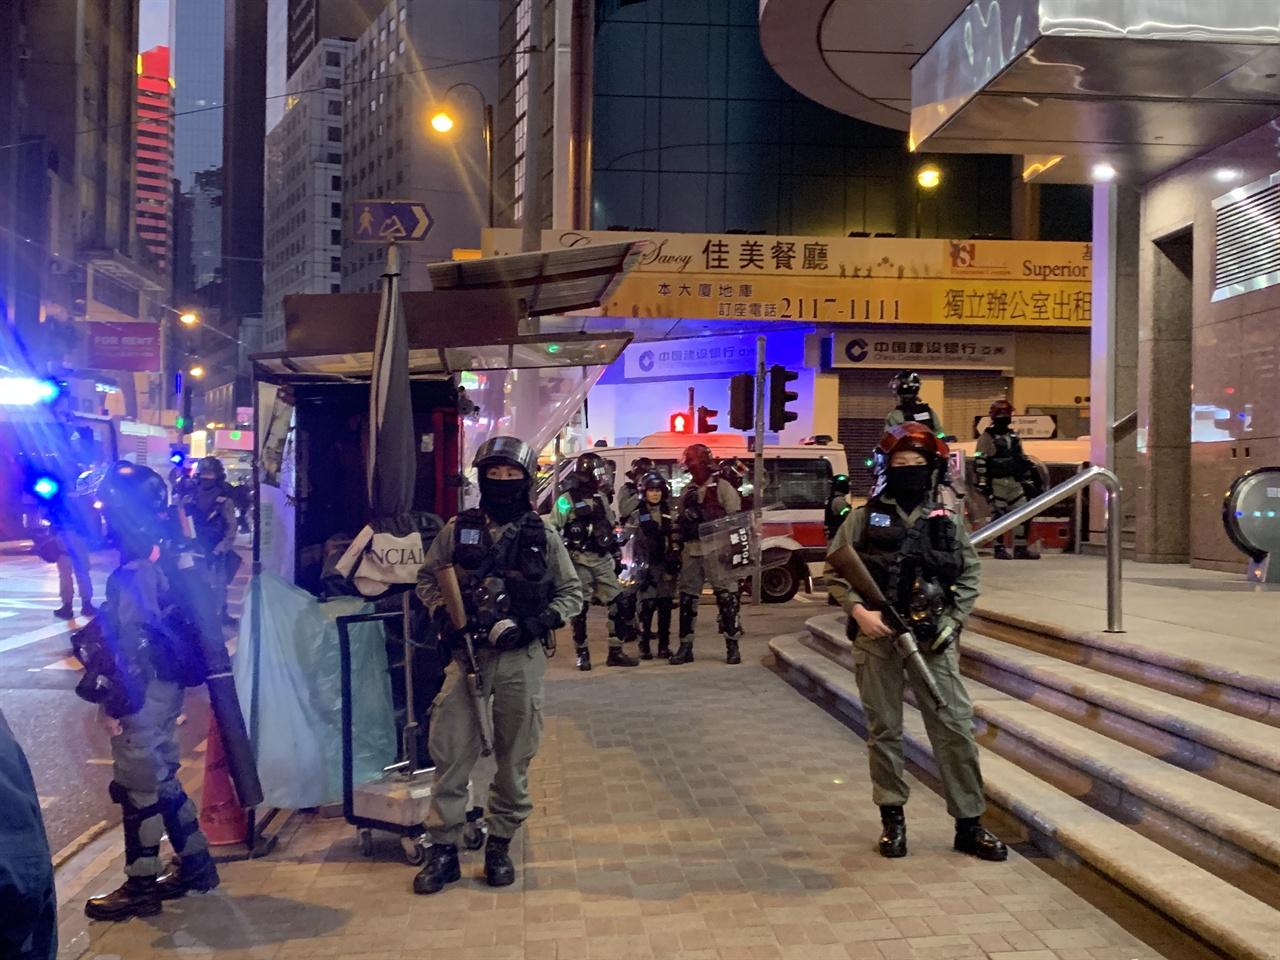 무장한 홍콩 경찰의 모습.